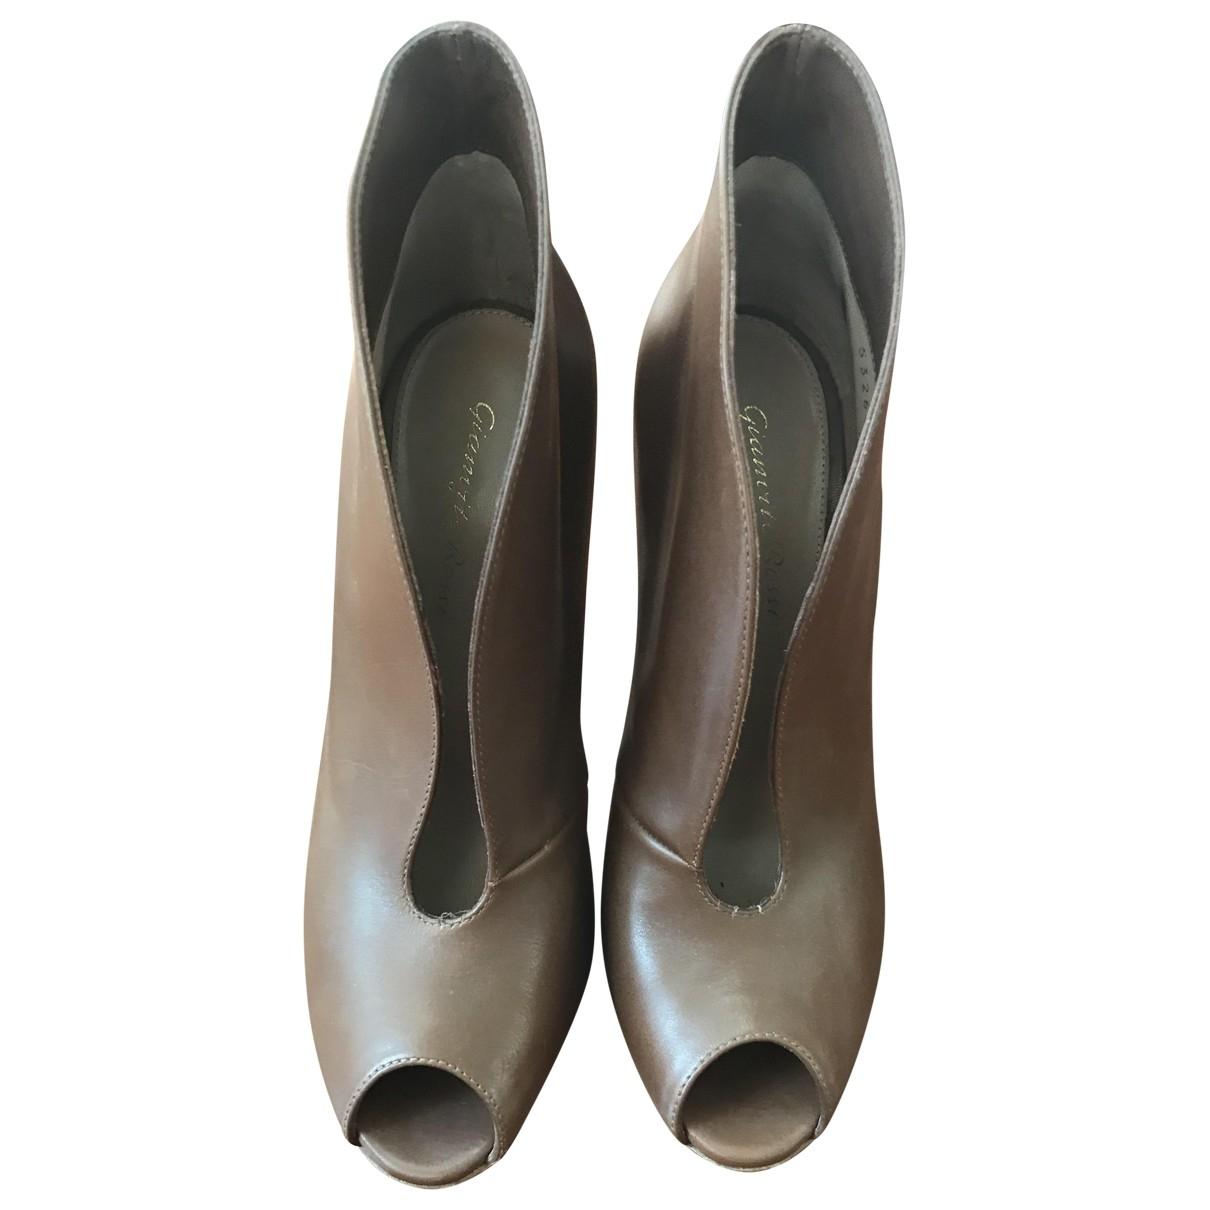 Gianvito Rossi - Sandales   pour femme en cuir - marron